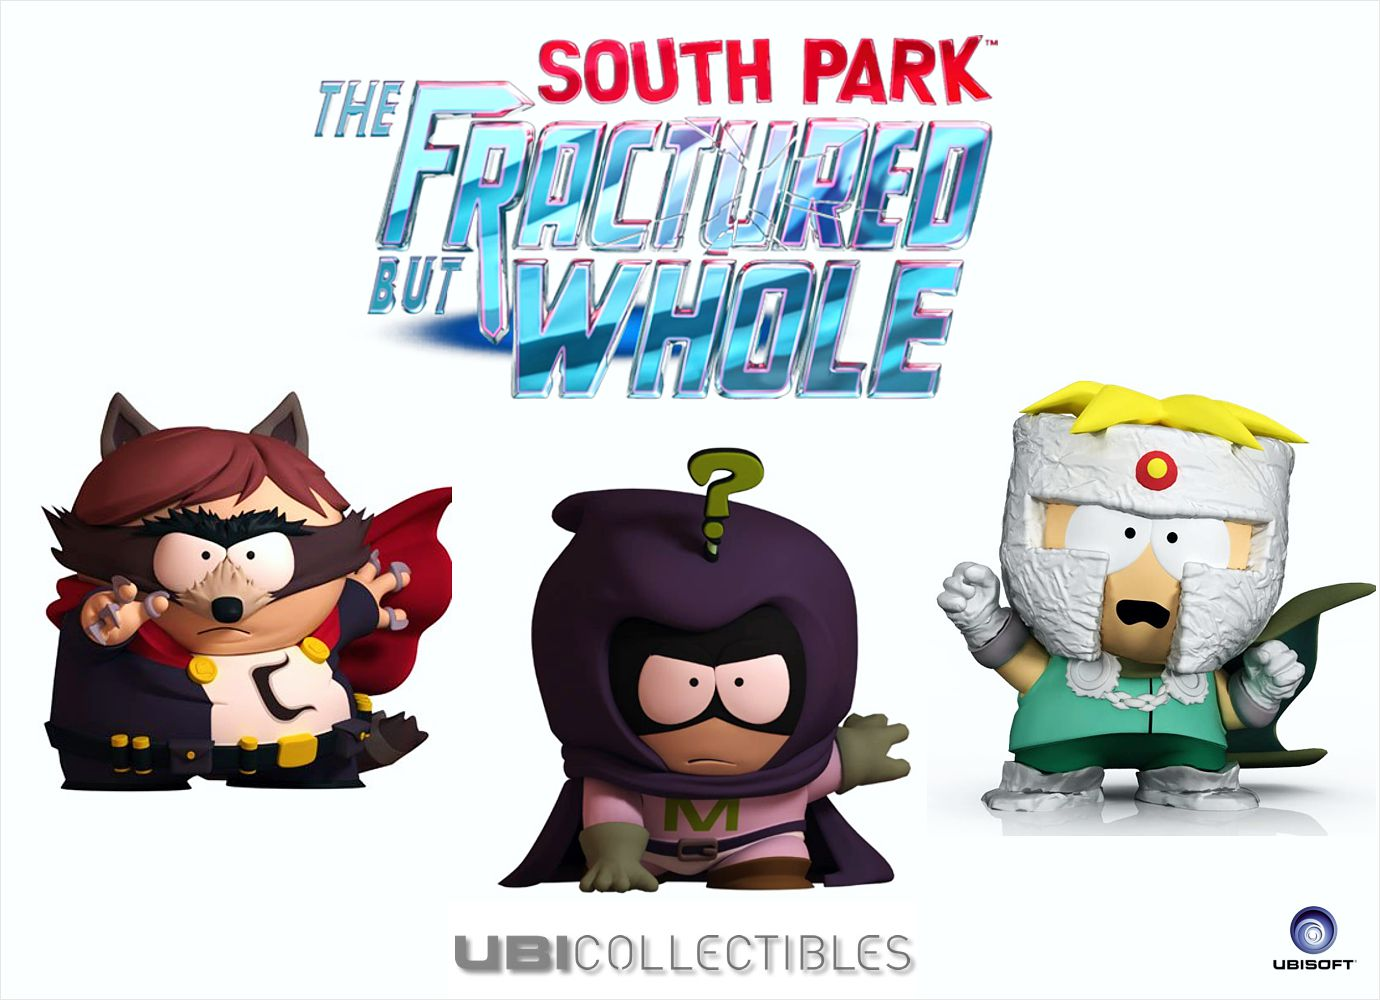 Набор фигурок South Park The Fractured But Whole. Енот, Мистерион, Профессор Хаос (3 в 1)Представляем вашему вниманию набор фигурок South Park The Fractured But Whole. Енот, Мистерион, Профессор Хаос, комплект из 3-х фигурок героев Южного парка.<br>